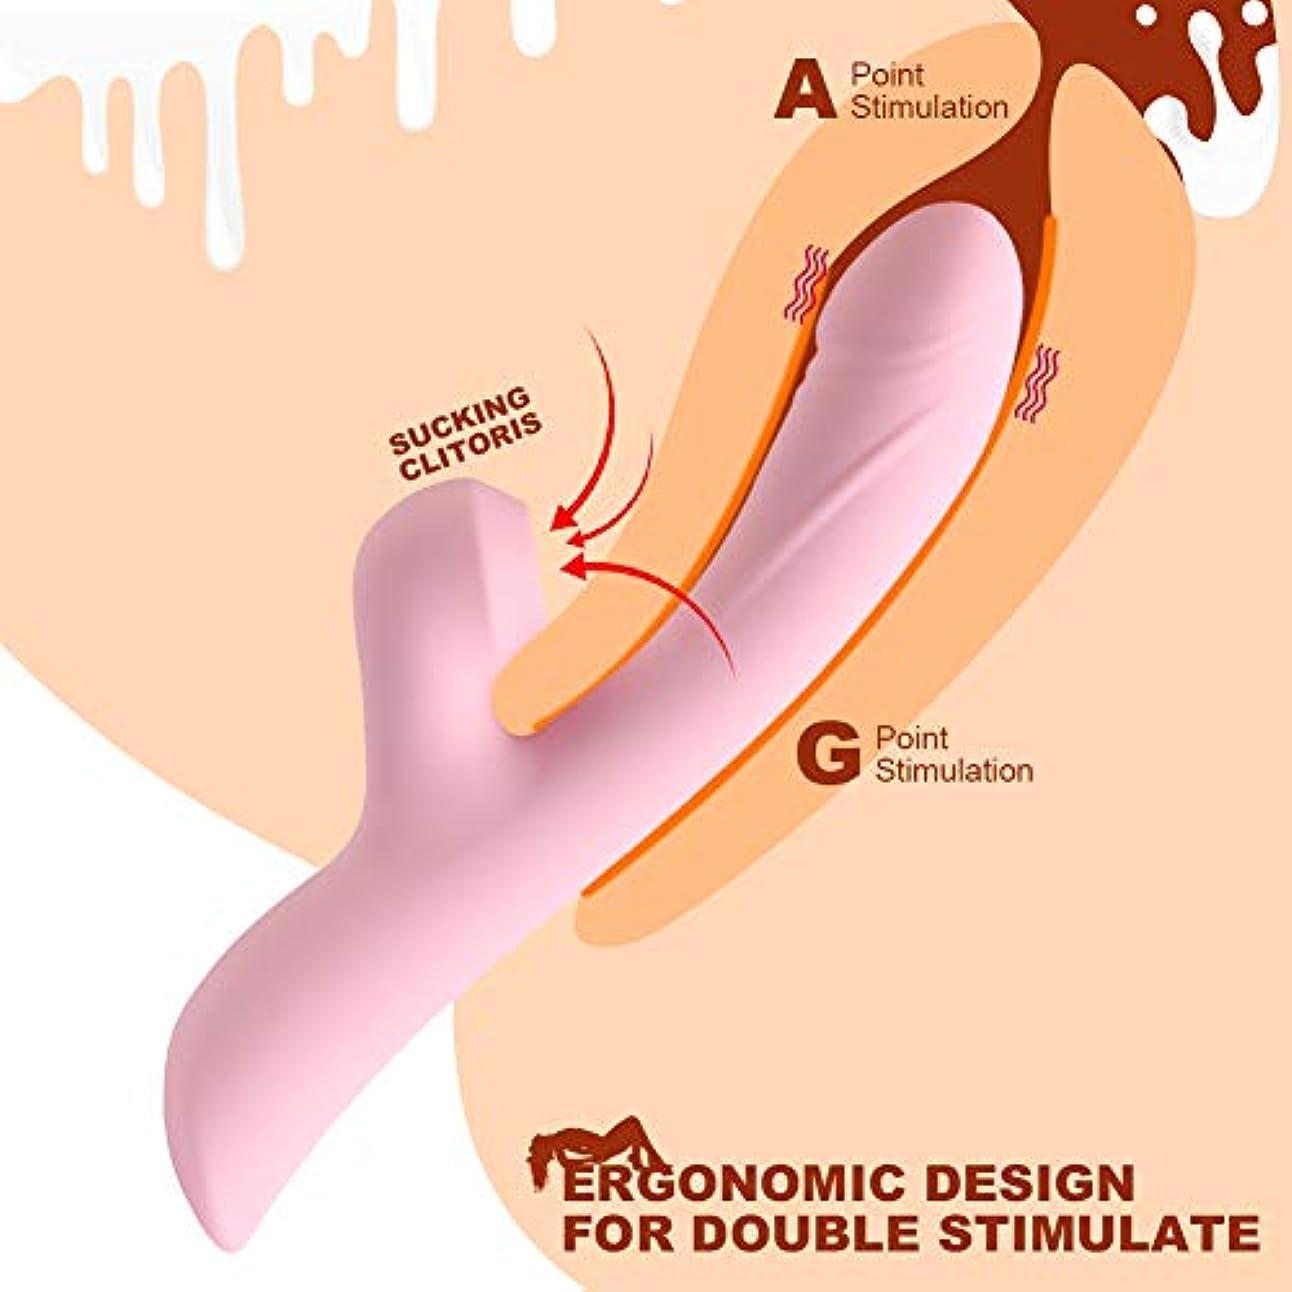 ファントム結紮知事足 マッサージ グッズ マッサージ 家電 女性用多機能マッサージスティック充電式防水 強力な 筋肉痛のためのマッサージスティック体をリラックスさせ、疲労を和らげます (ピンク色)